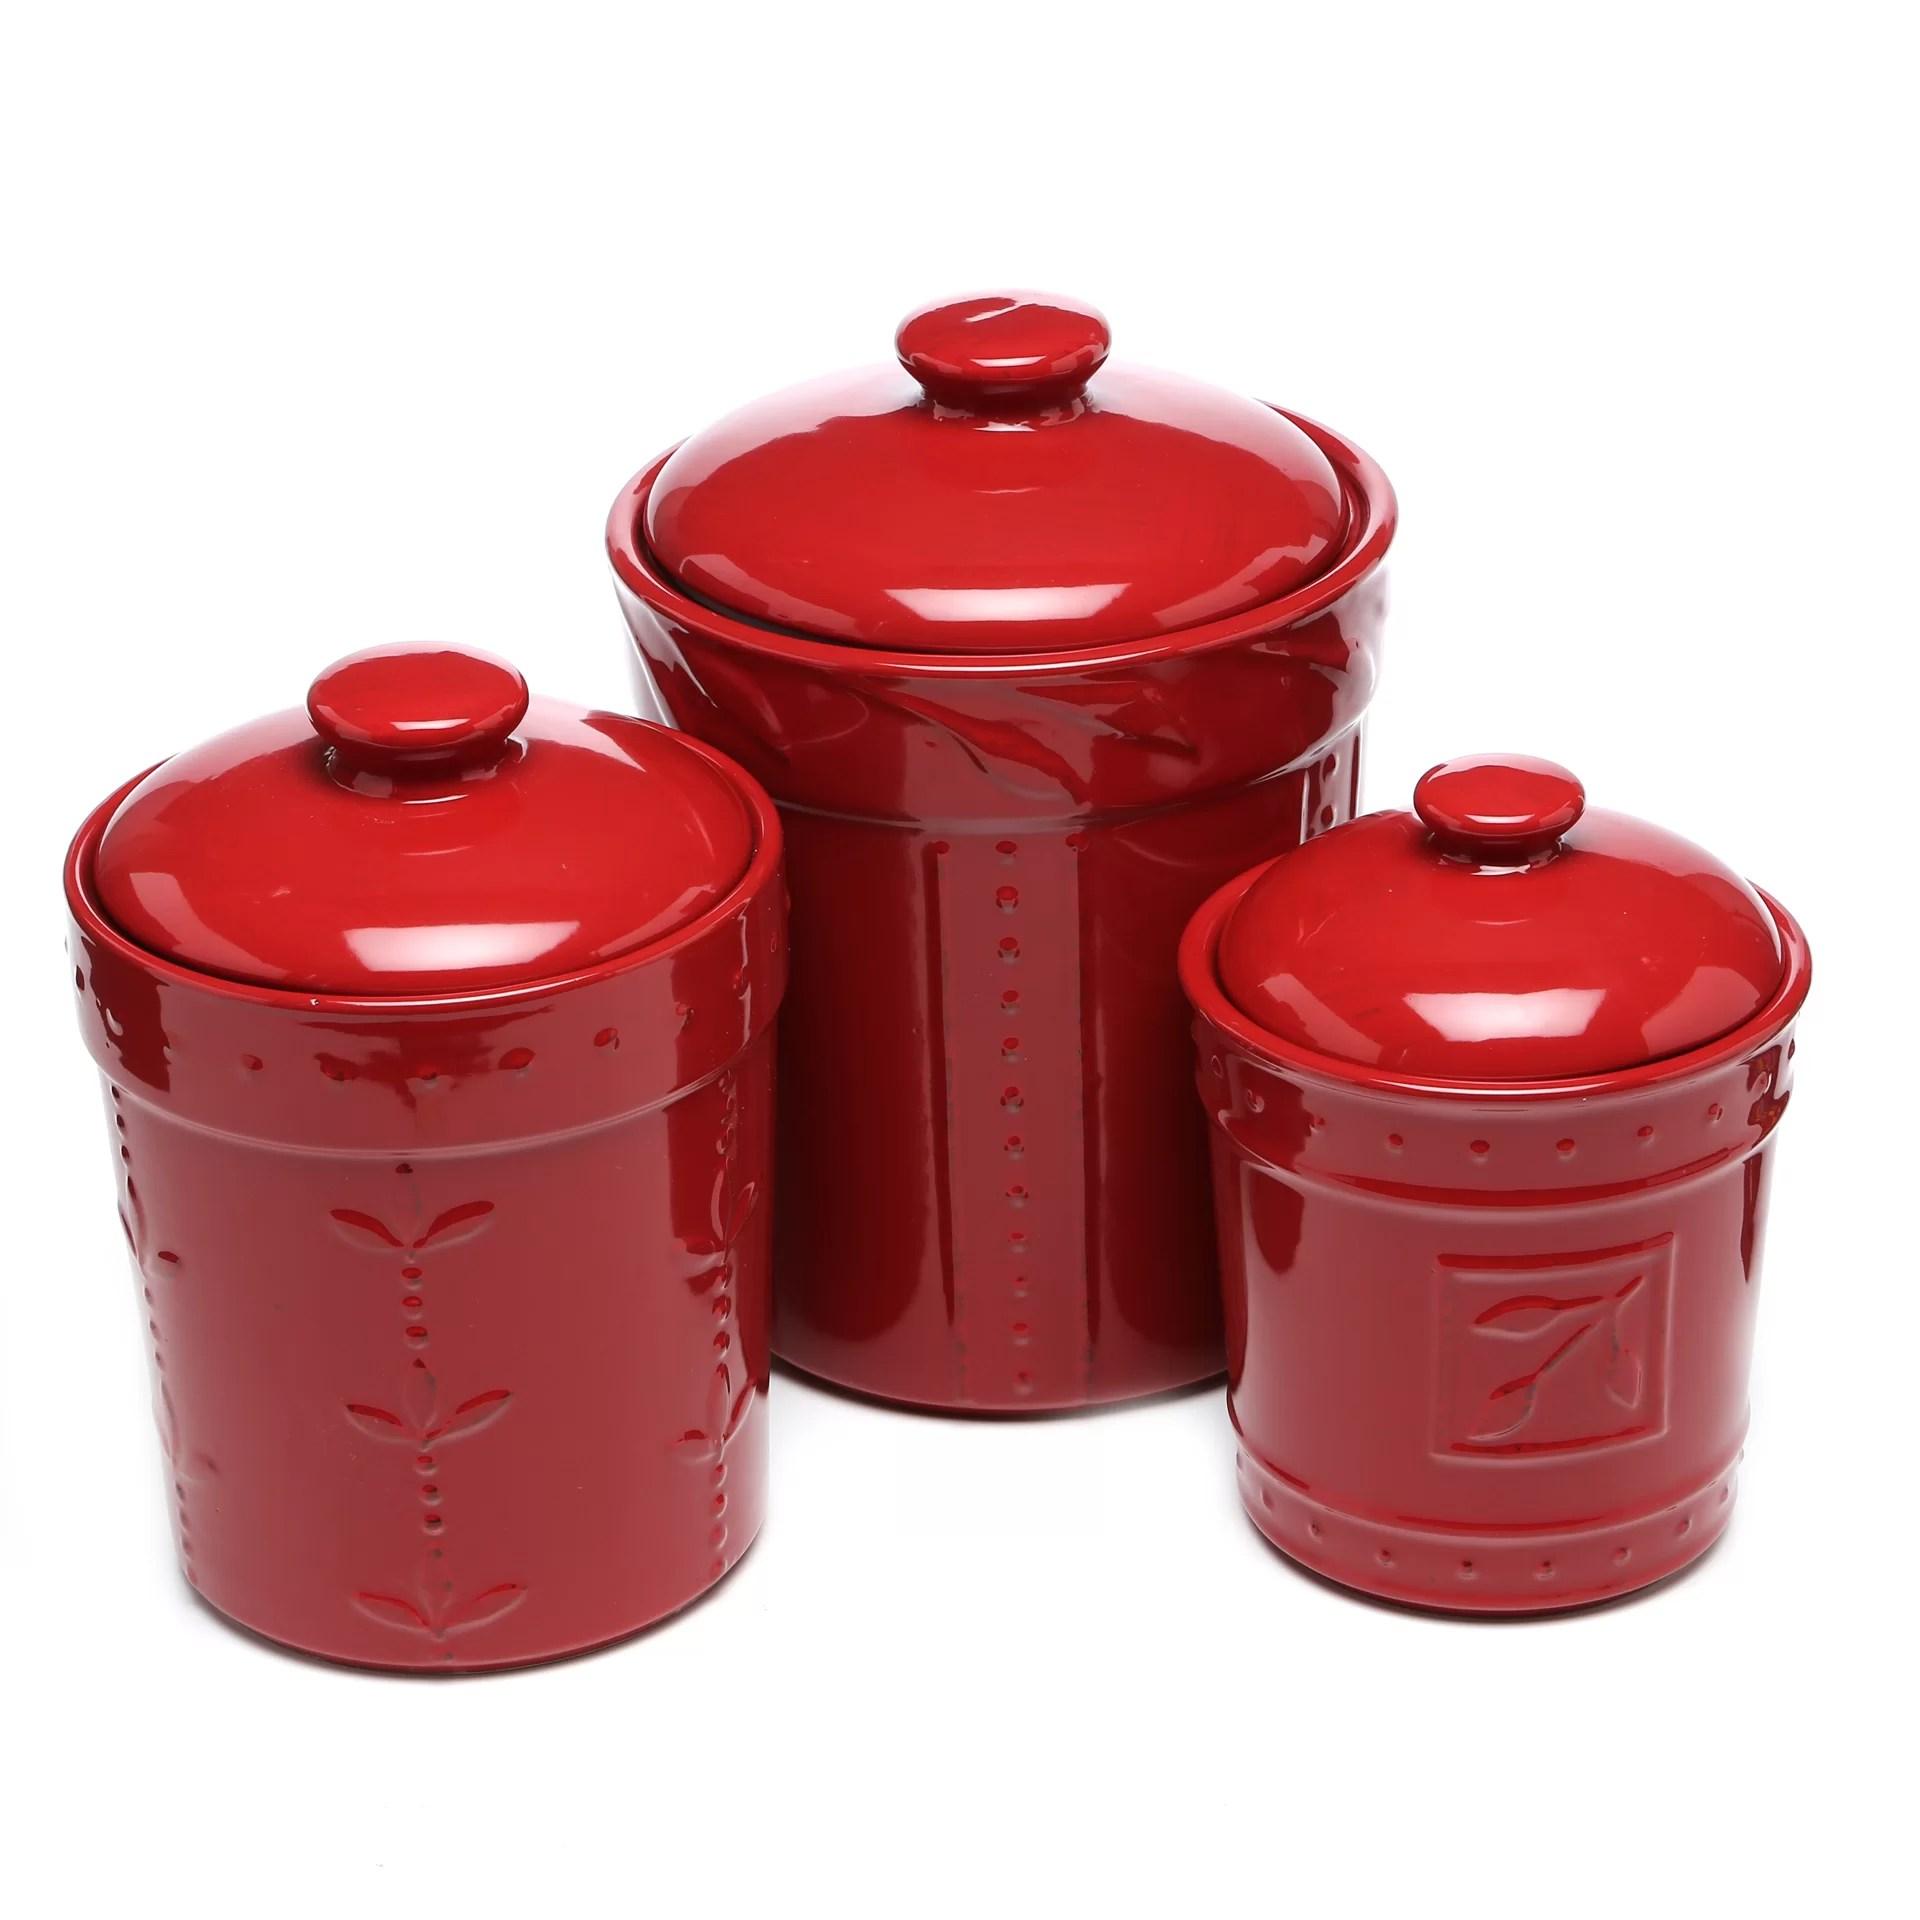 3 piece kitchen set farm sinks genesee canister reviews joss main